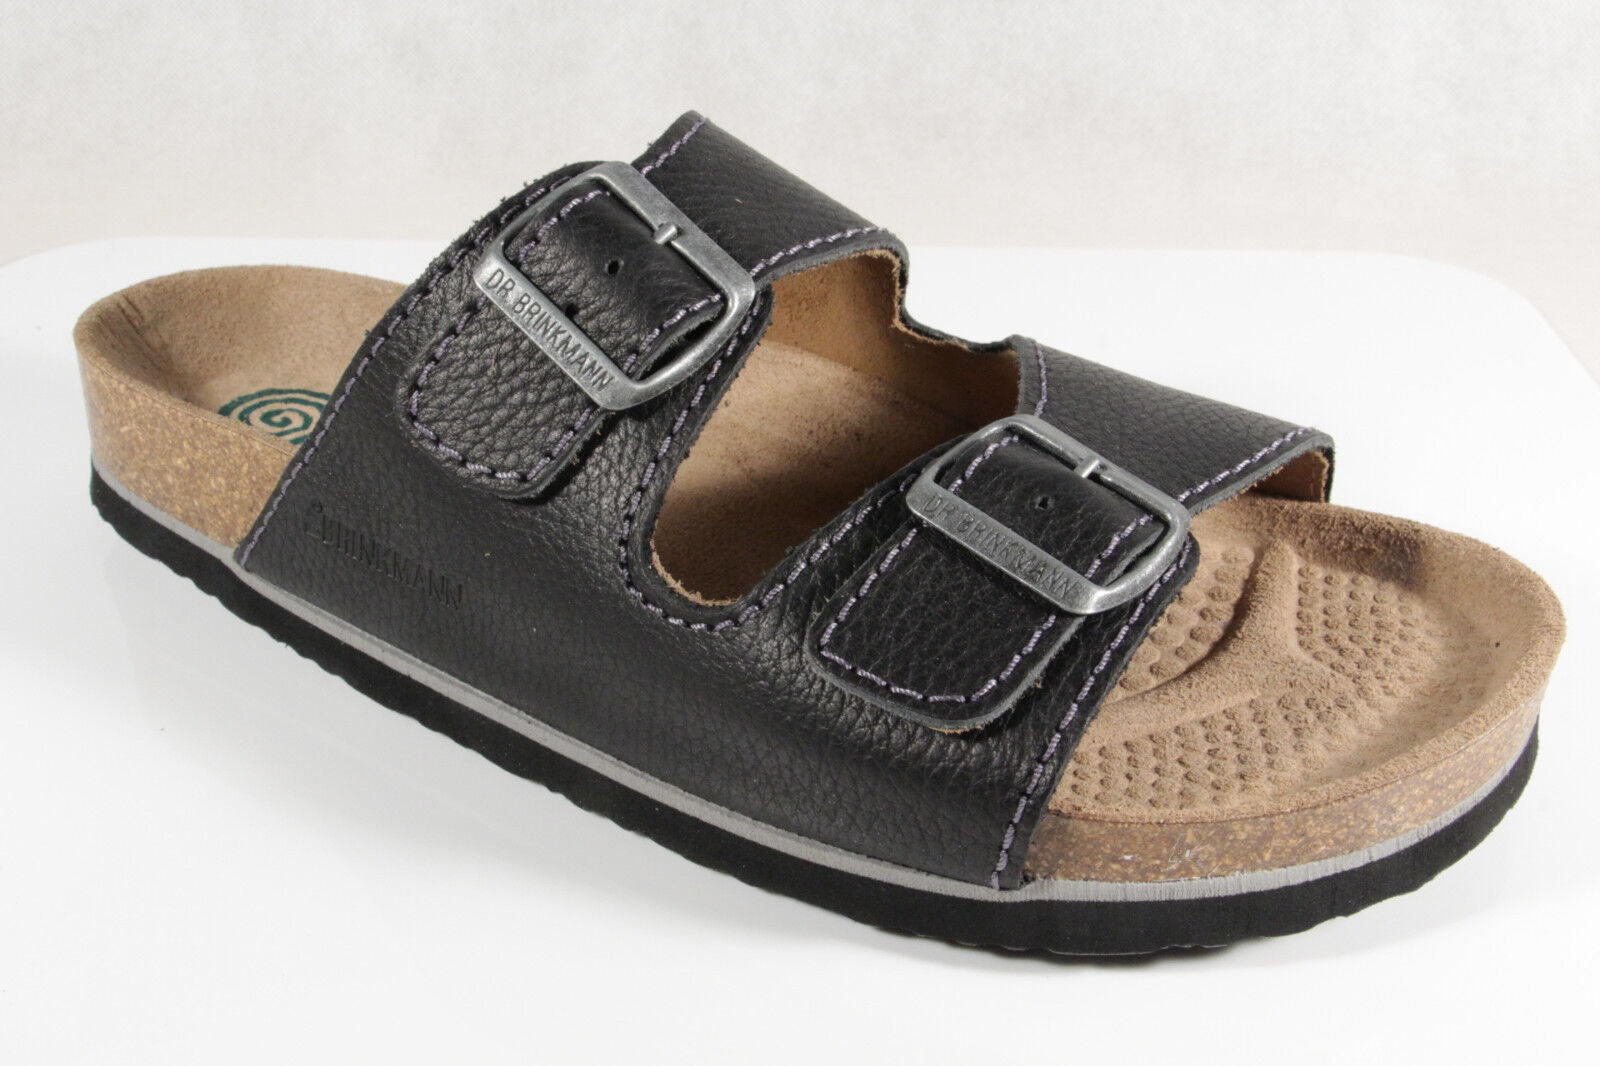 Dr. Brinkmann  Herren Form Pantolette Pantoffel schwarz breite Form Herren NEU 23bc13